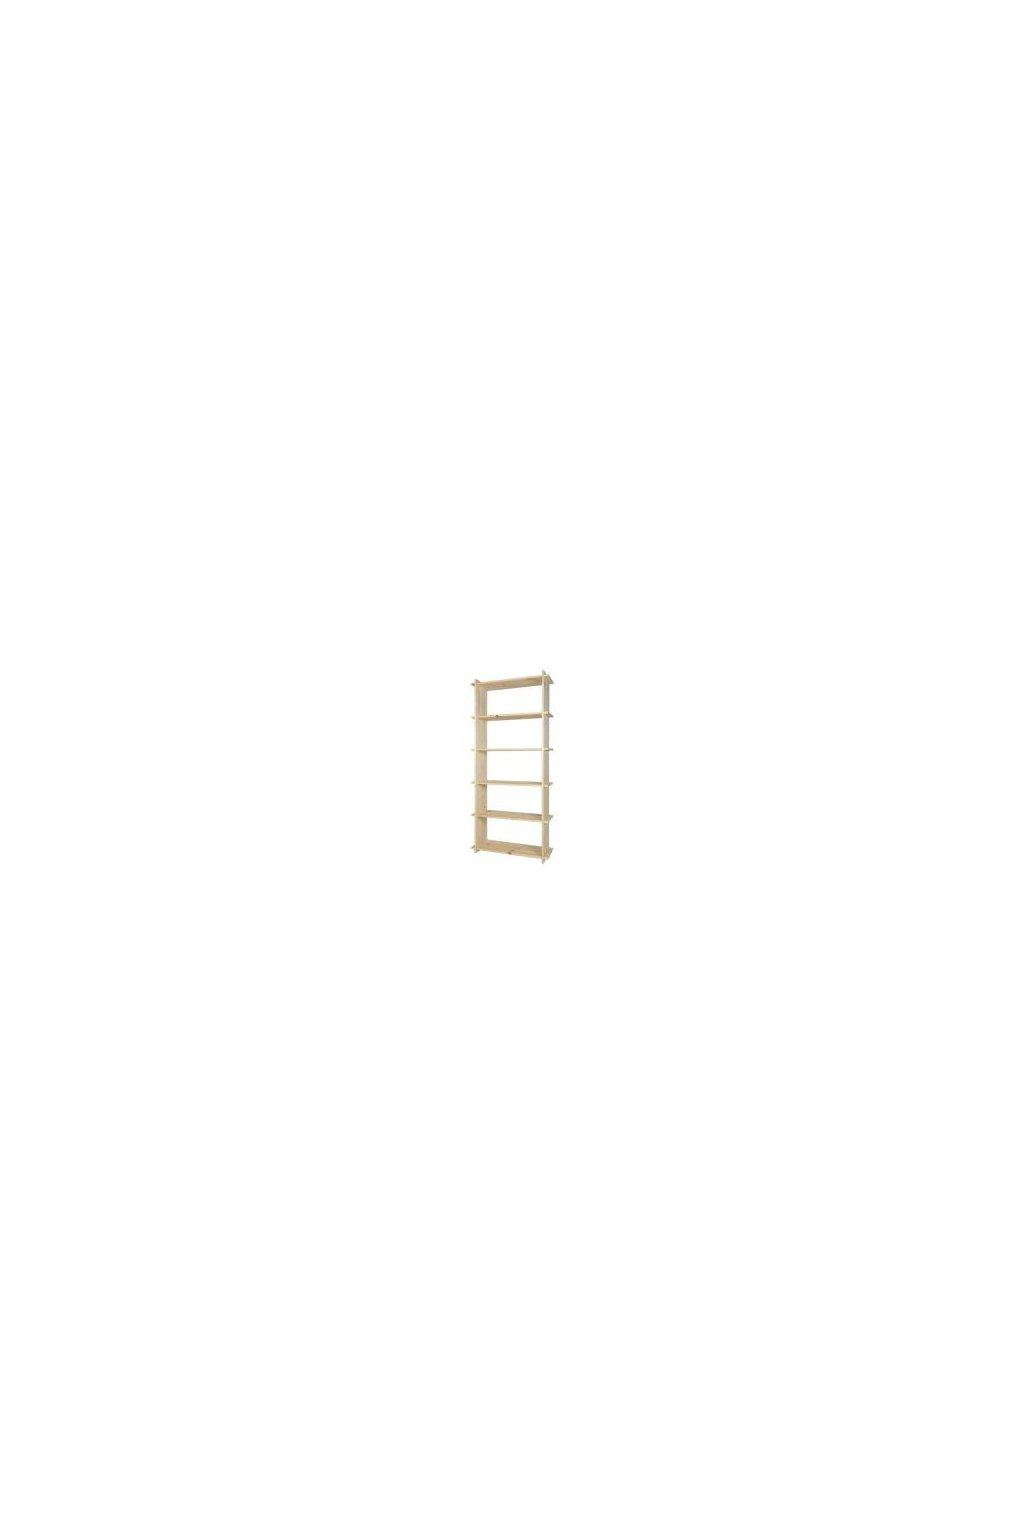 Dřevěný regál 185x80x27cm